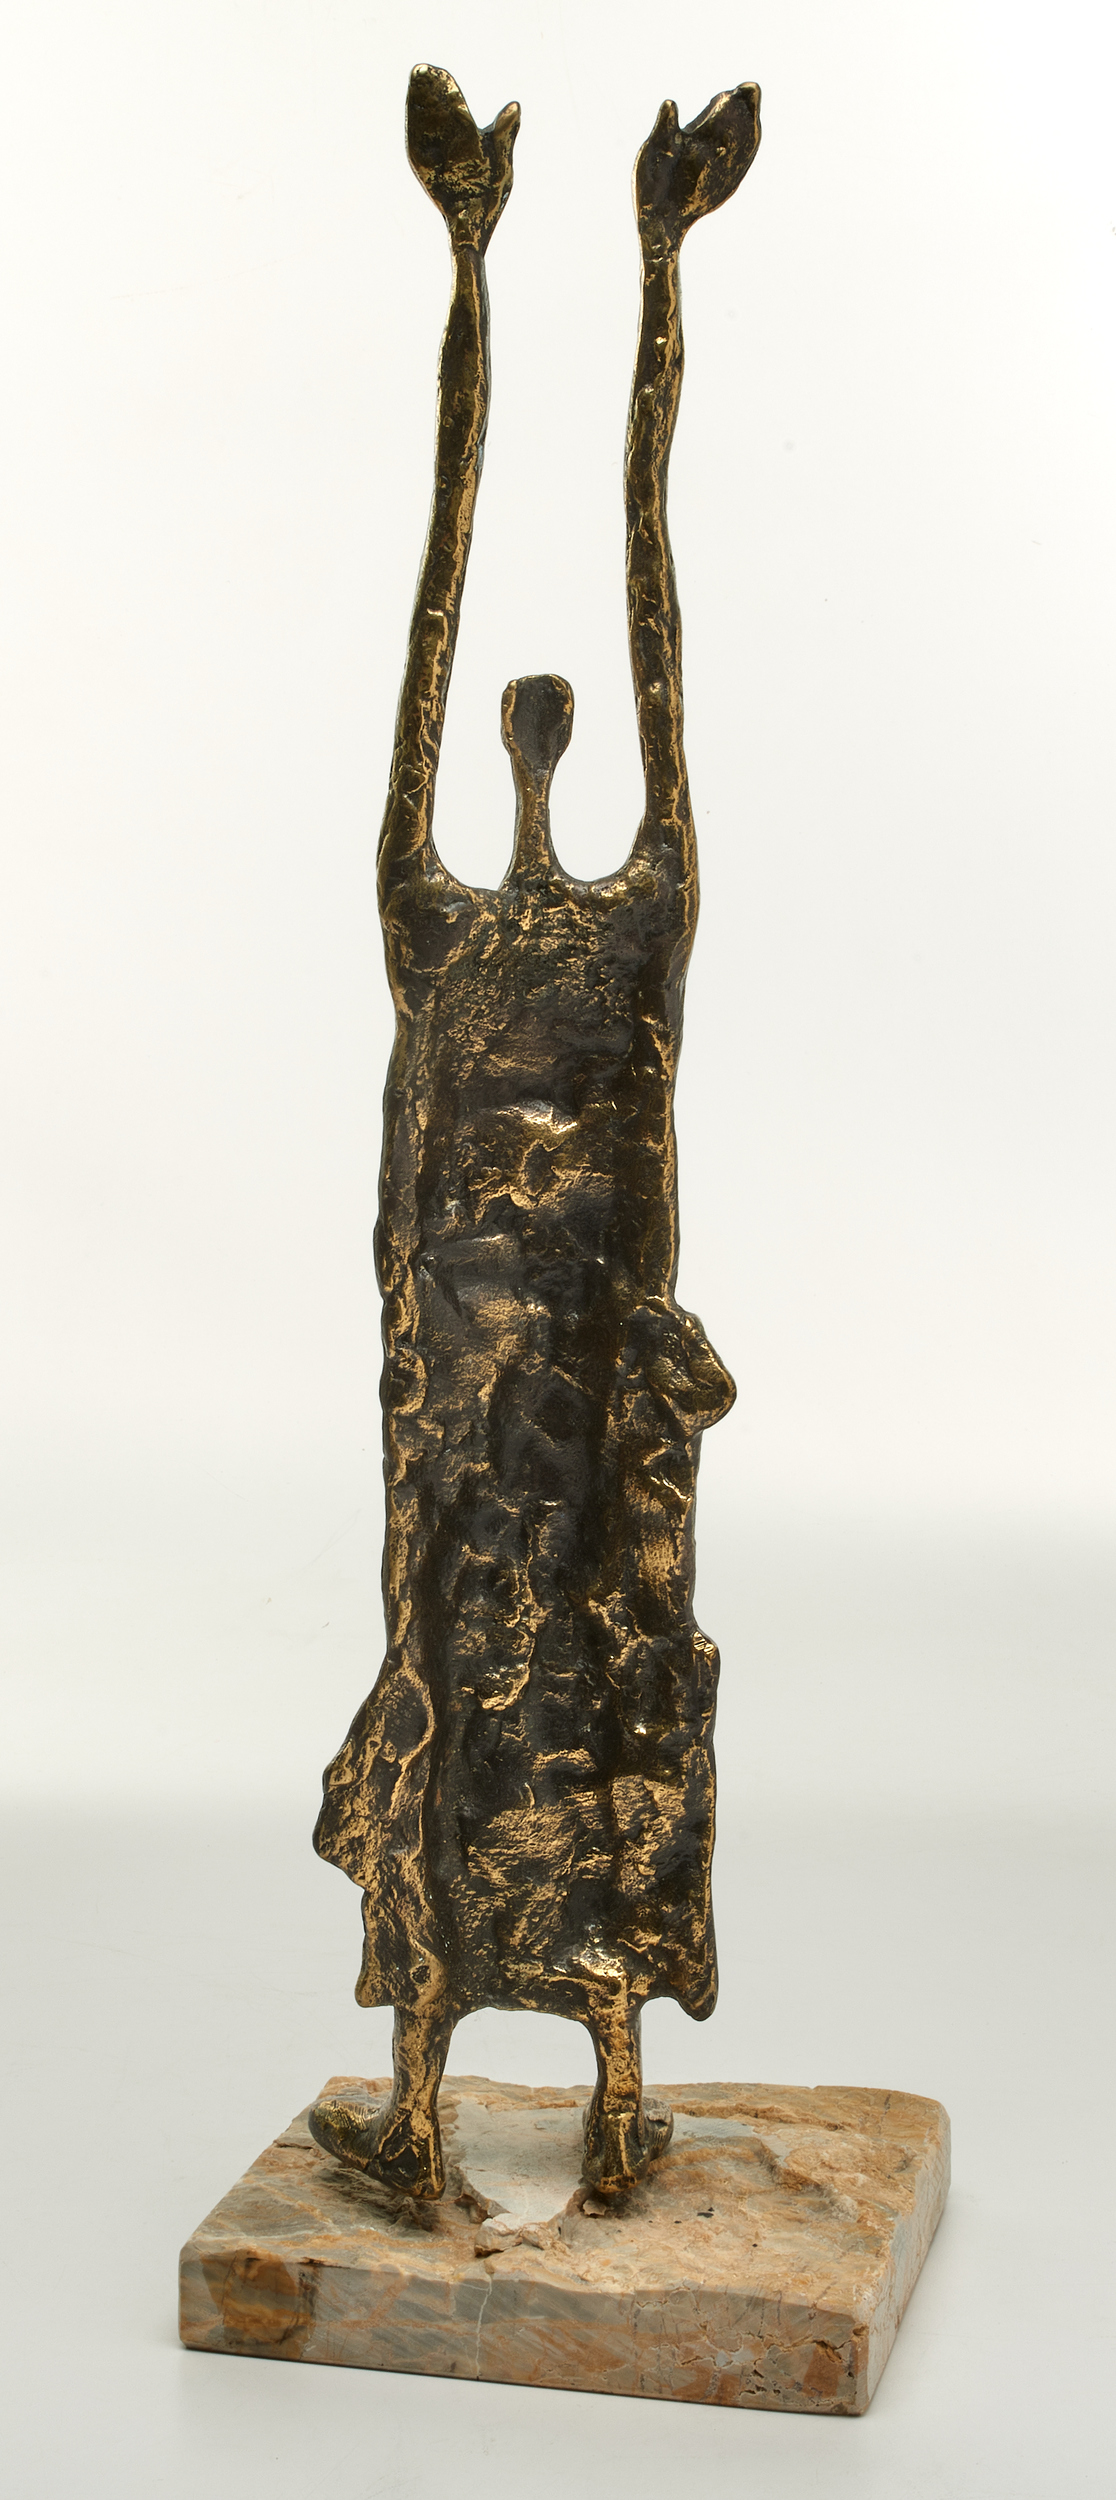 Art Deco Bronze Figure - Jan 23, 2016 | Mid-Hudson Auction